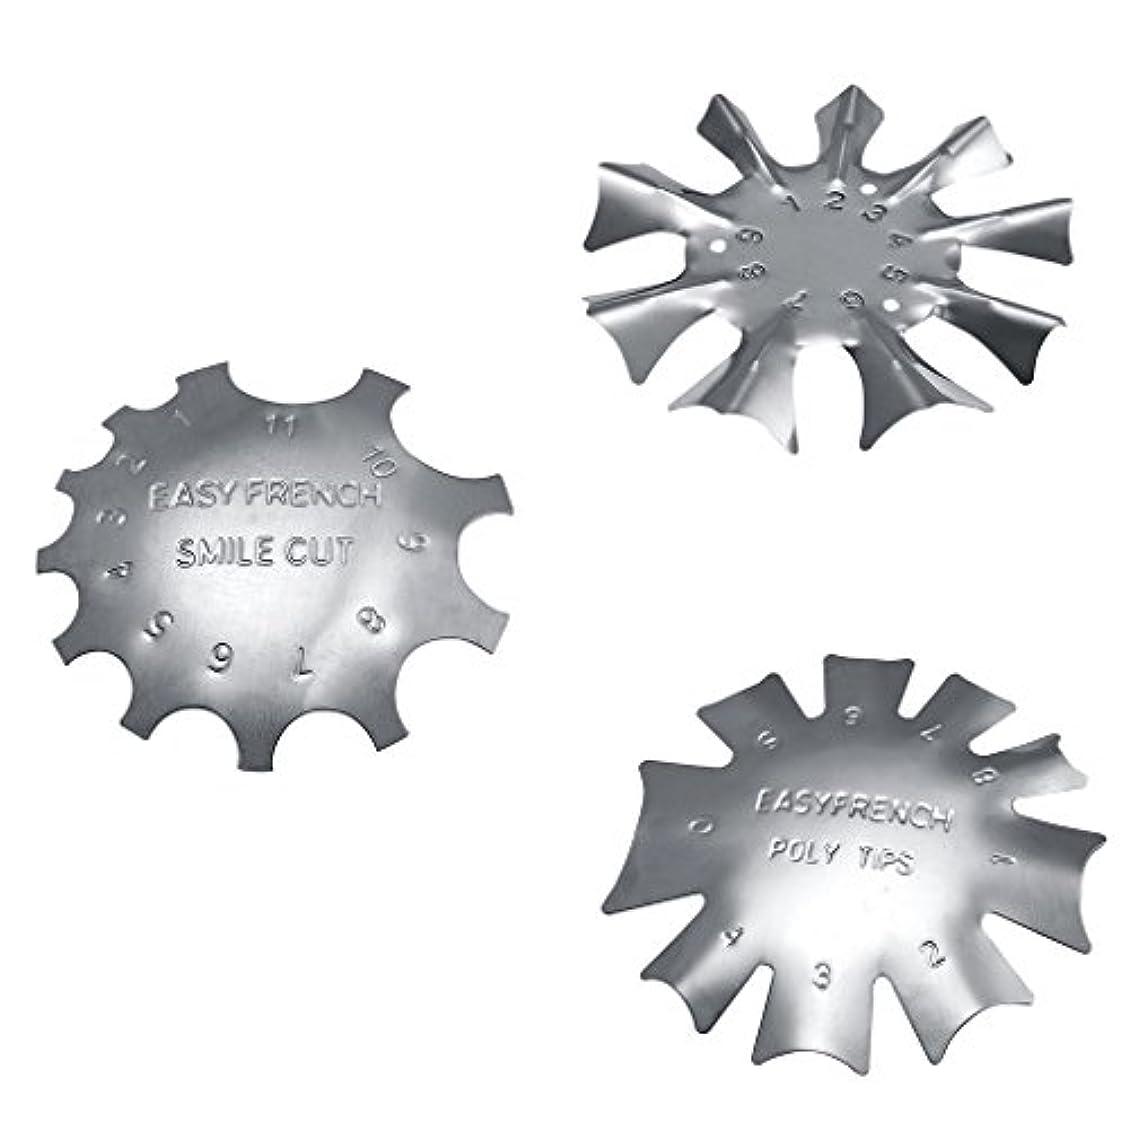 排気アメリカ付き添い人フランス風 ネイルガイドツール 3タイプセット ネイルアート カットライントリマー 金属 ネイルテンプレート